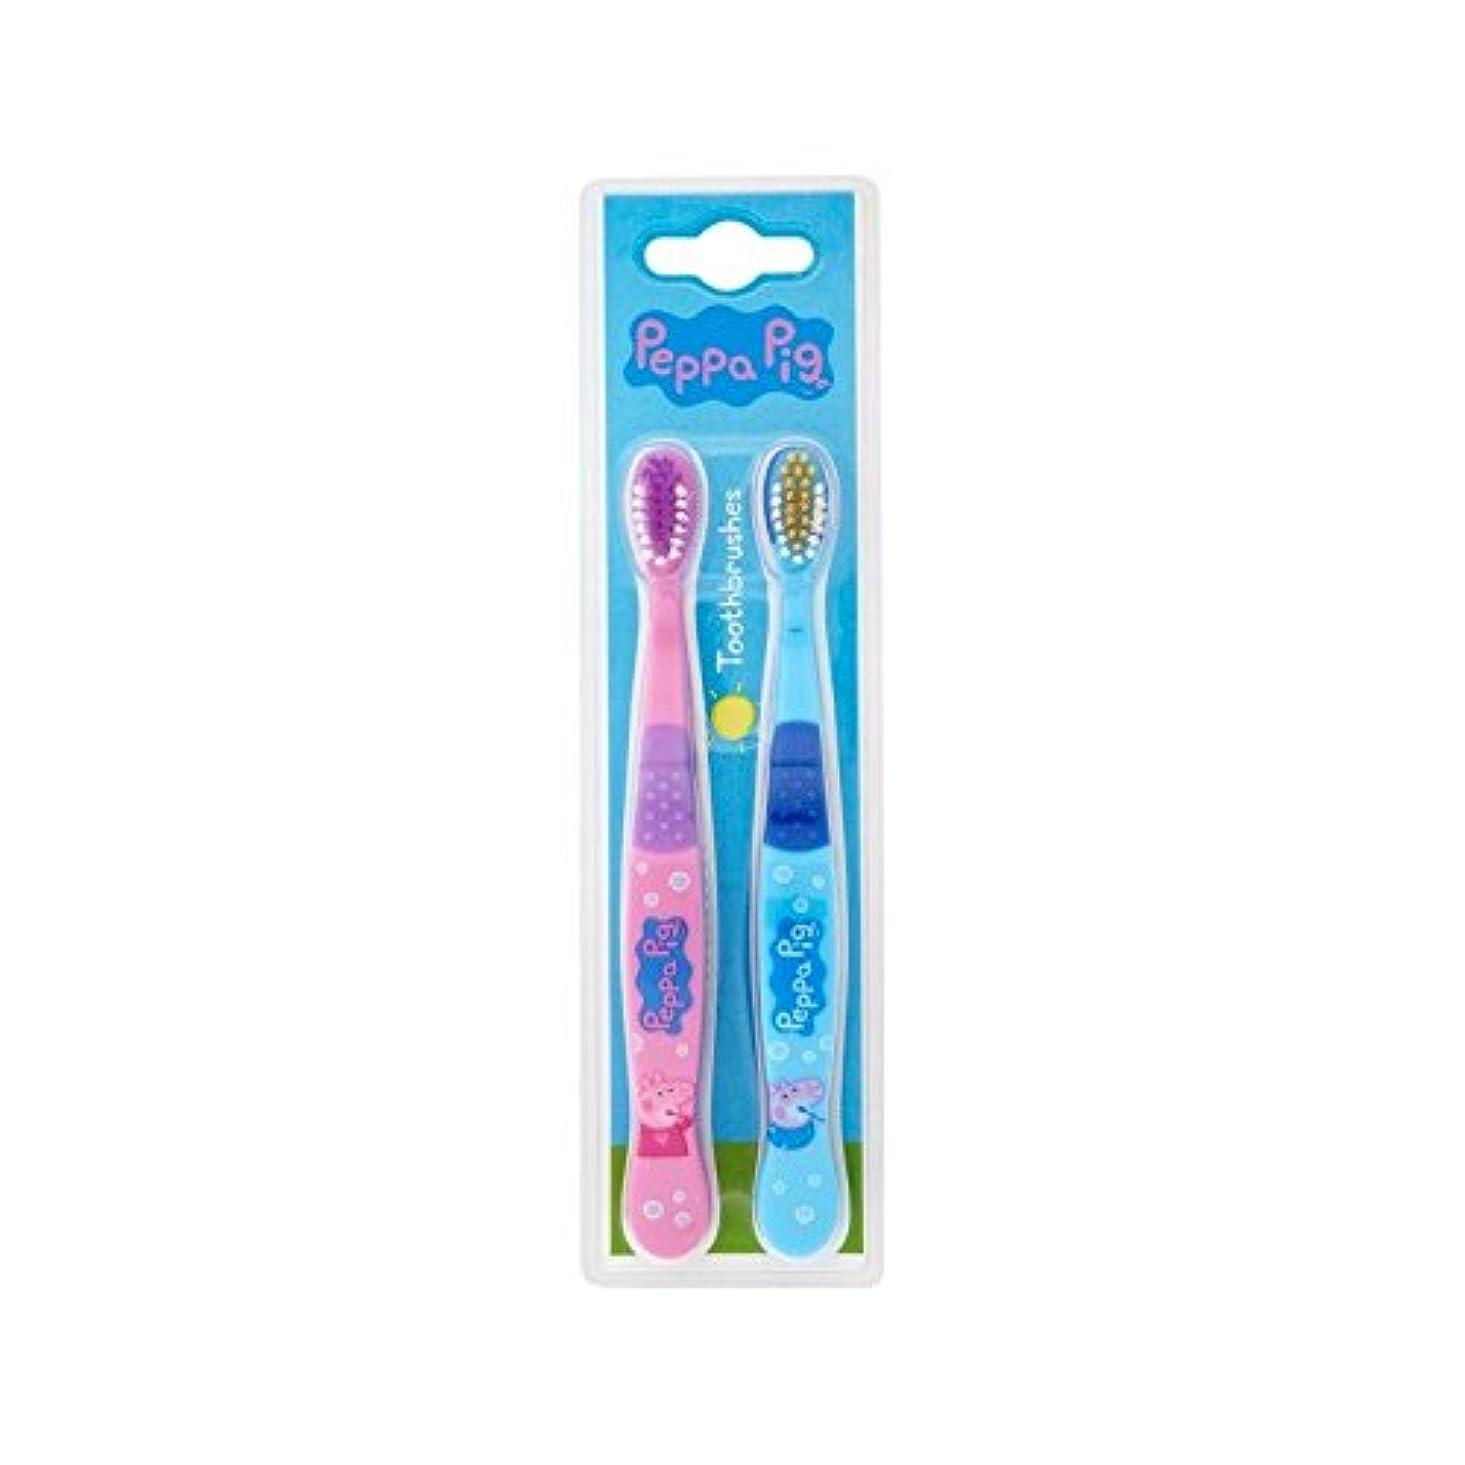 おなじみの通訳モニカ1パックツイン歯ブラシ2 (Peppa Pig) (x 4) - Peppa Pig Twin Toothbrush 2 per pack (Pack of 4) [並行輸入品]